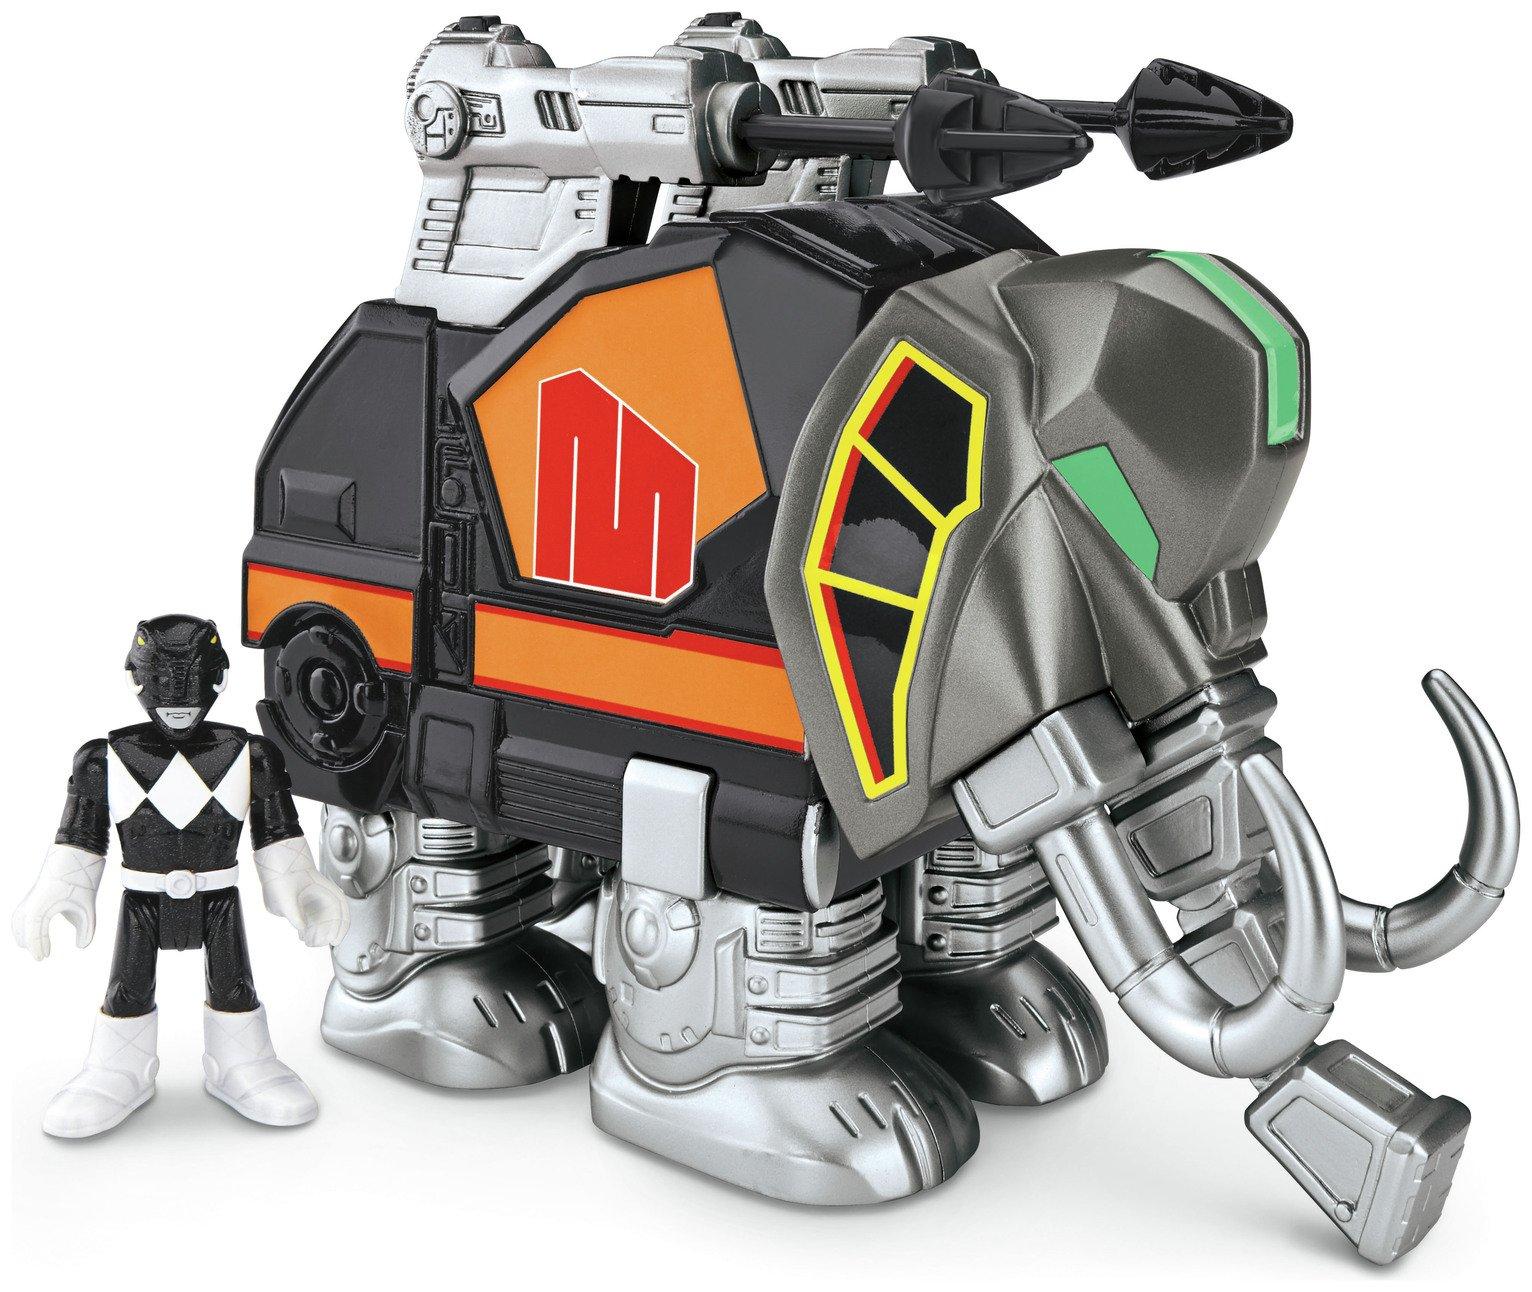 Image of Imaginext Power Rangers Black Ranger and Mastodon